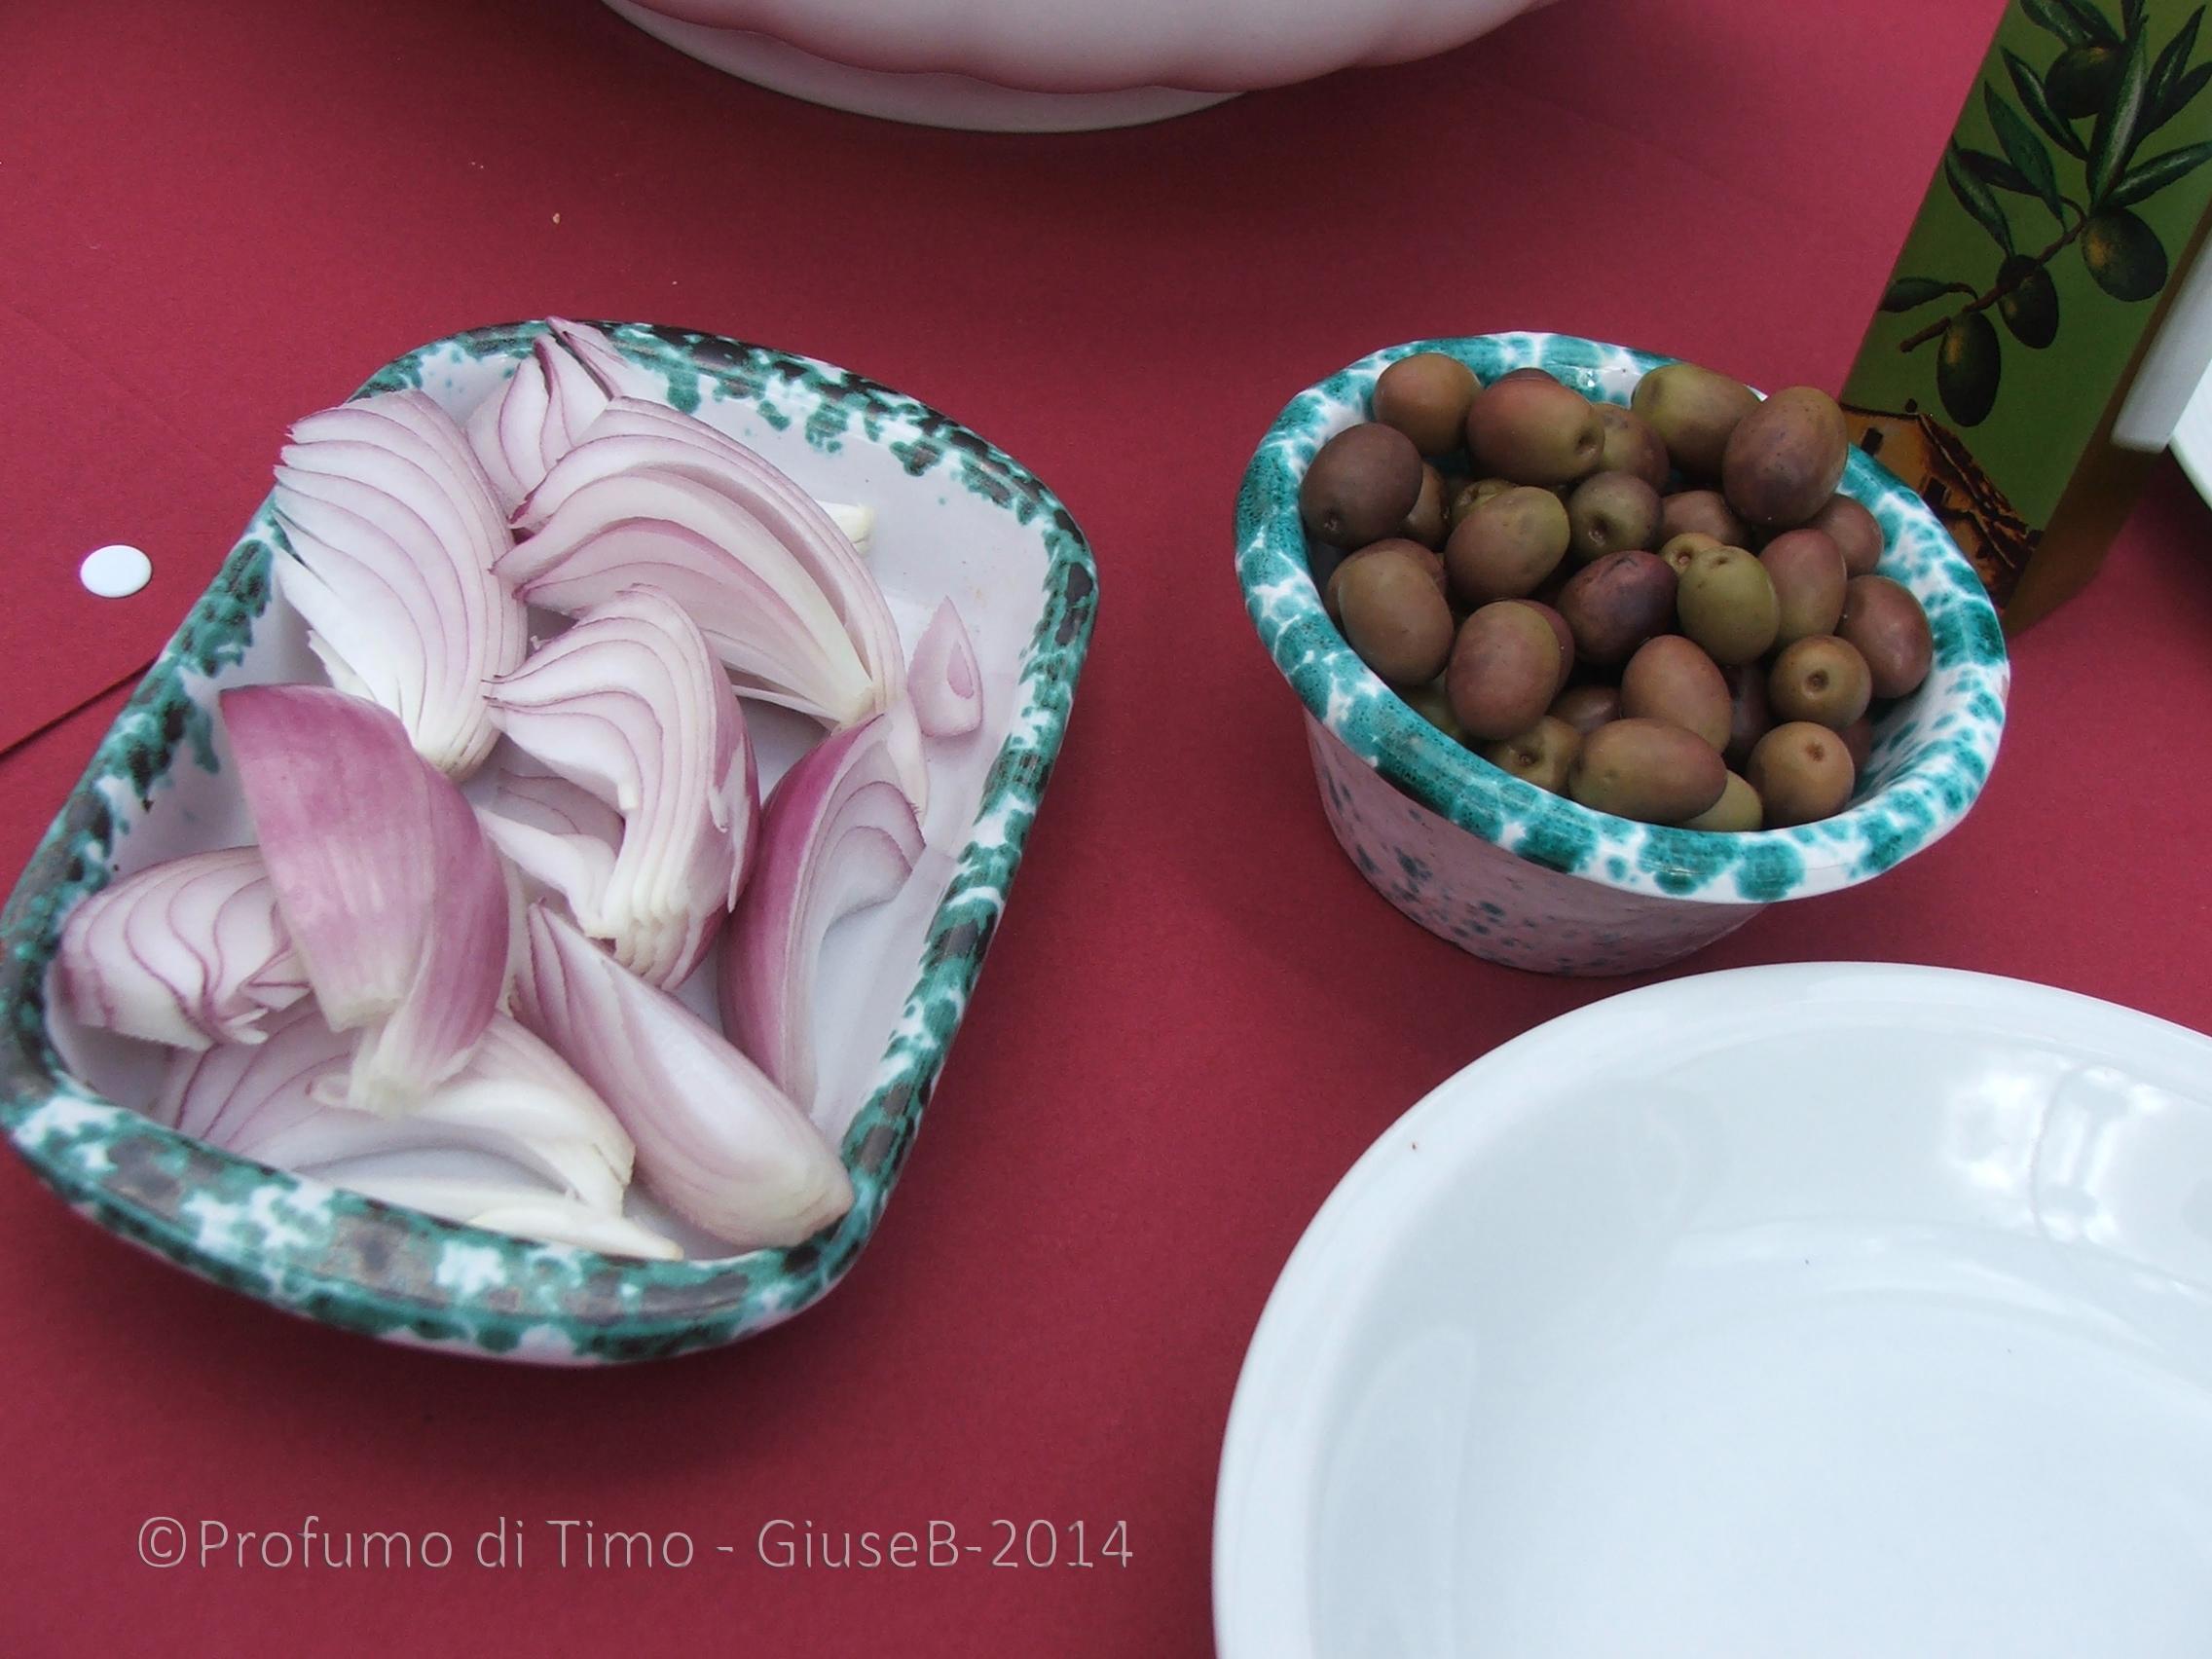 contest la Cucina di Buti per MeddietVillage 9 febbraio 2014 (9)